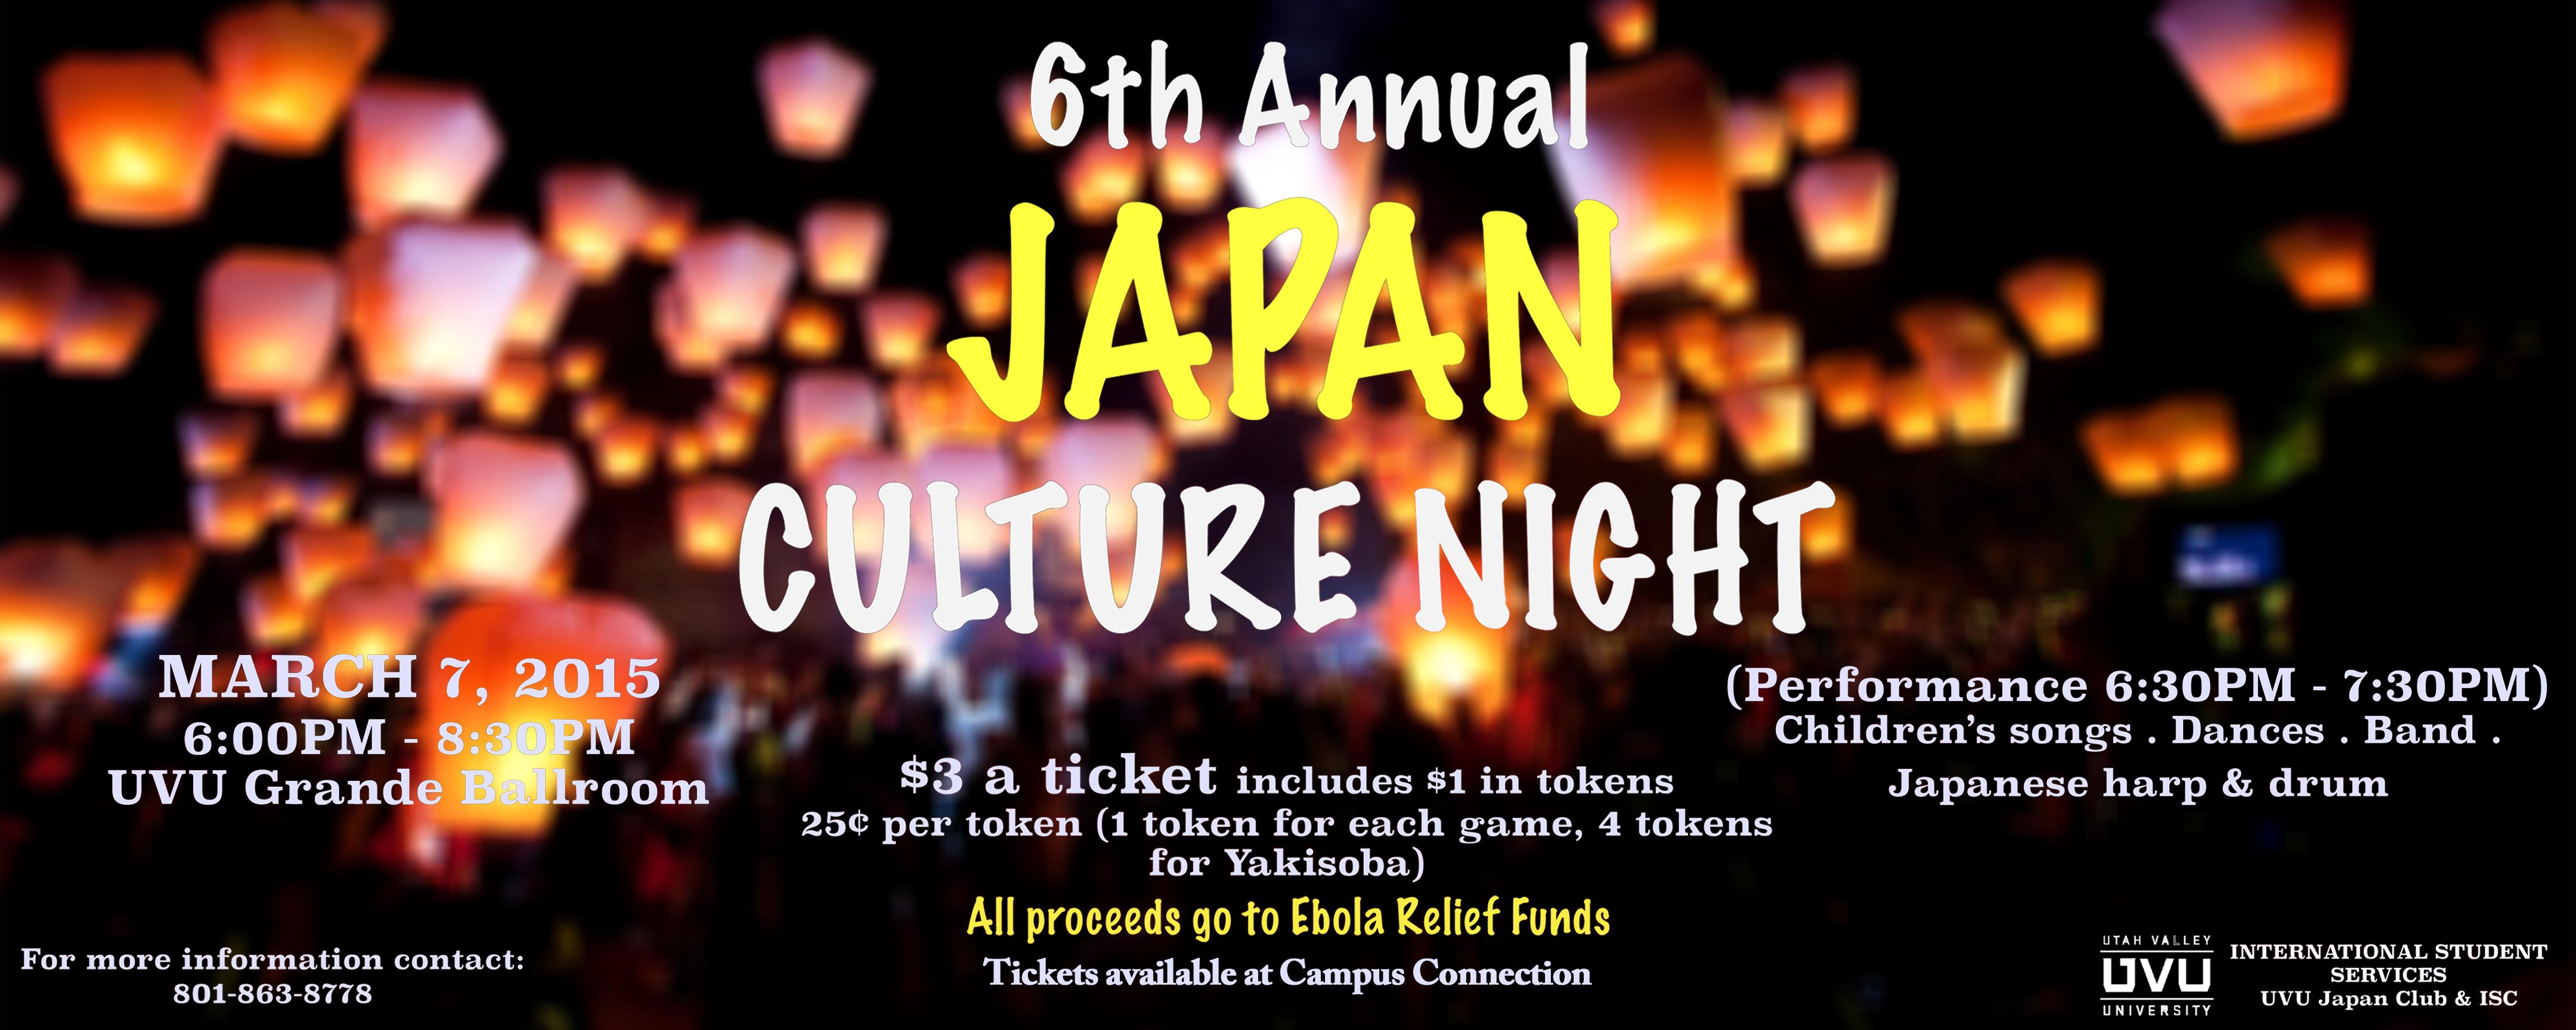 Japan Cultural Night